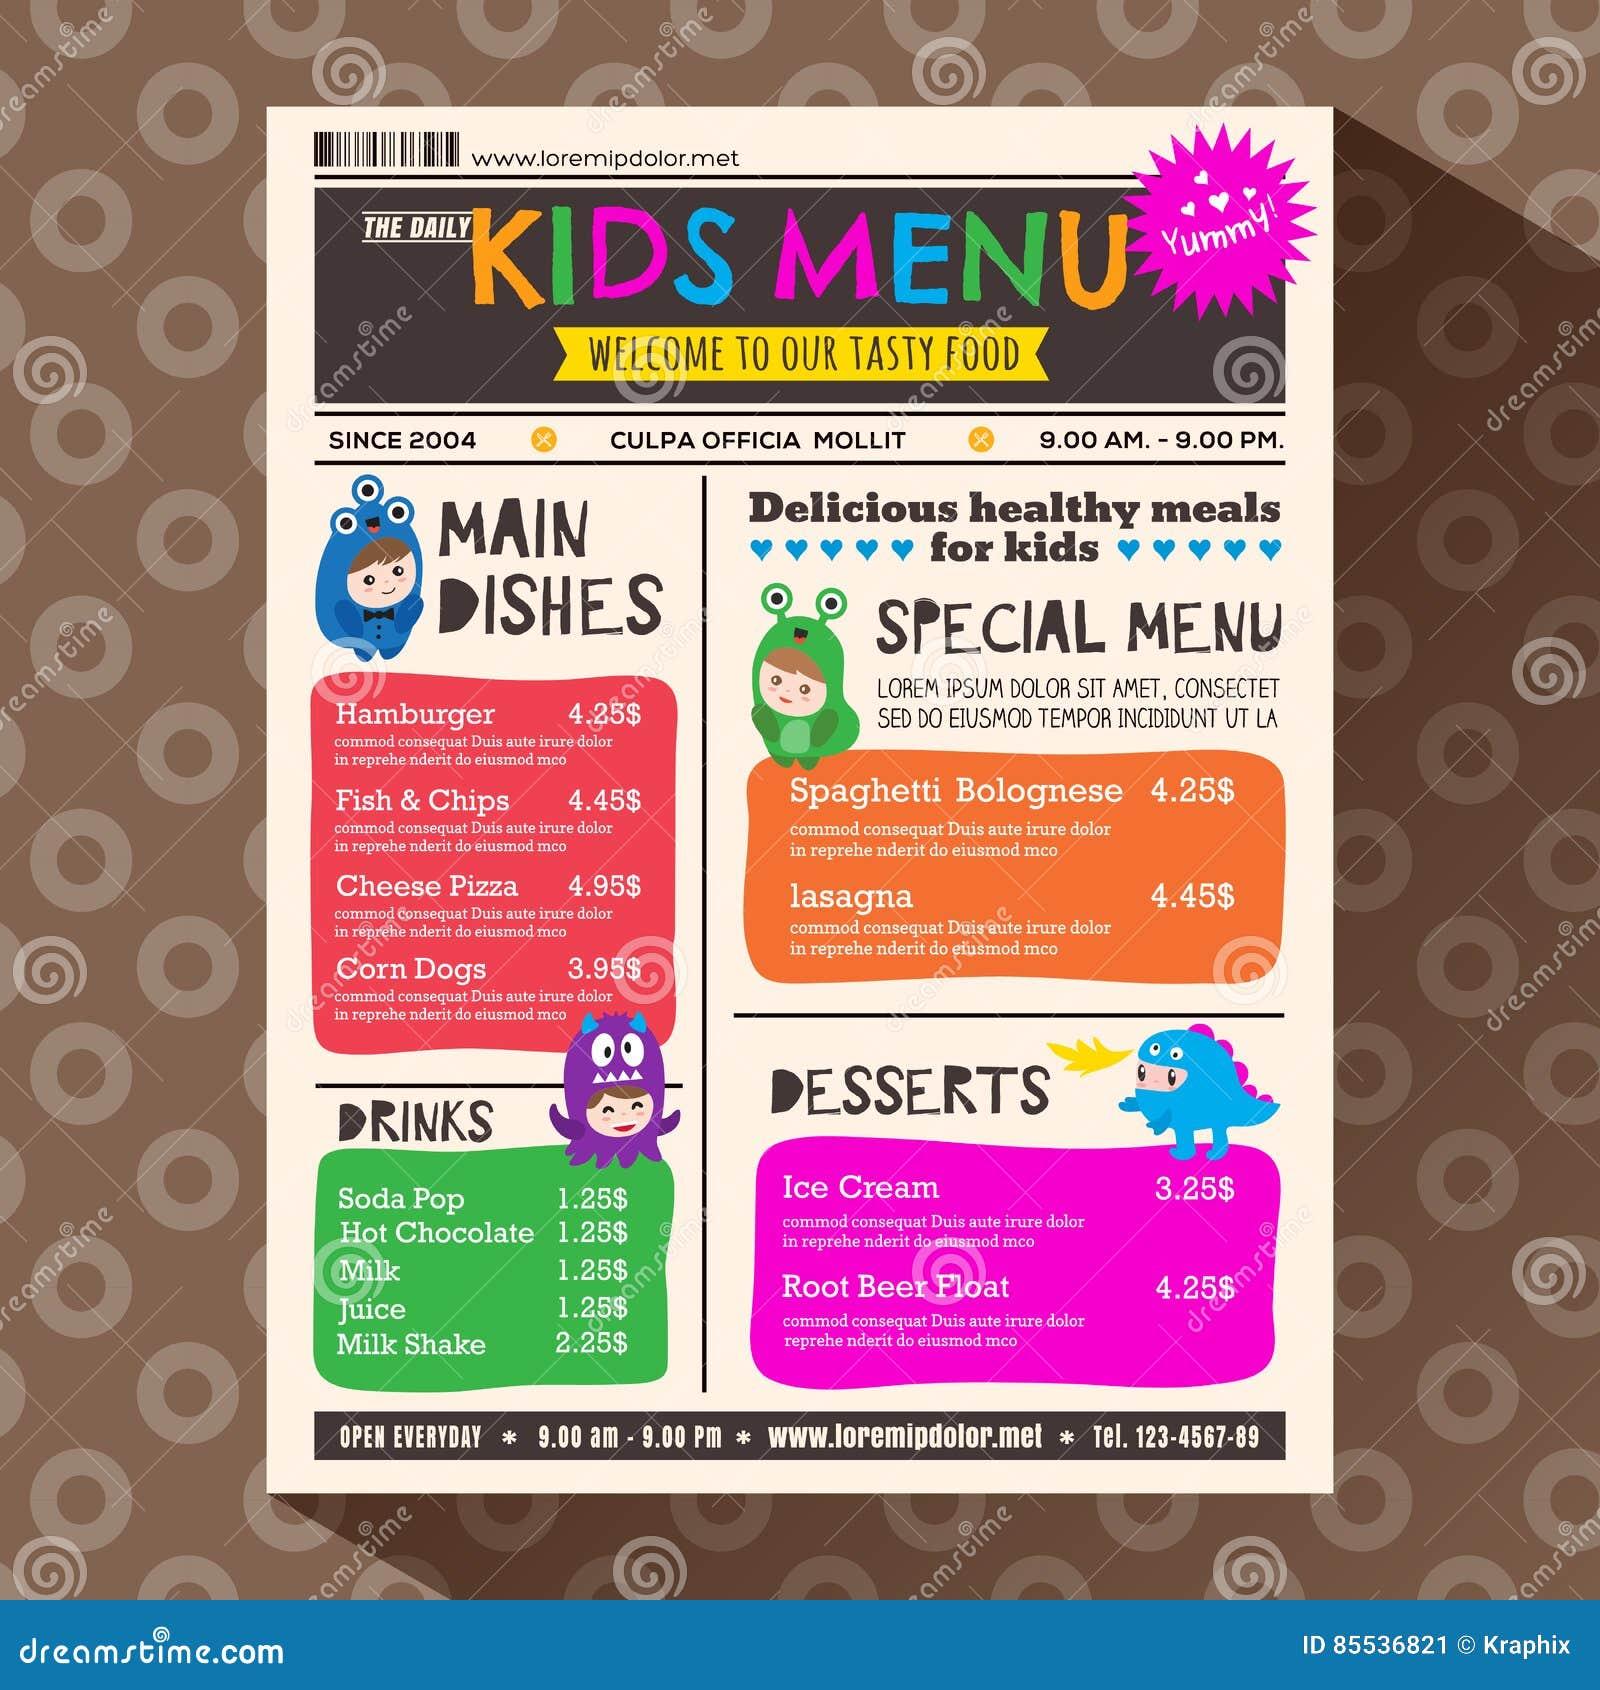 在报纸样式的逗人喜爱的五颜六色的充满活力的孩子菜单模板